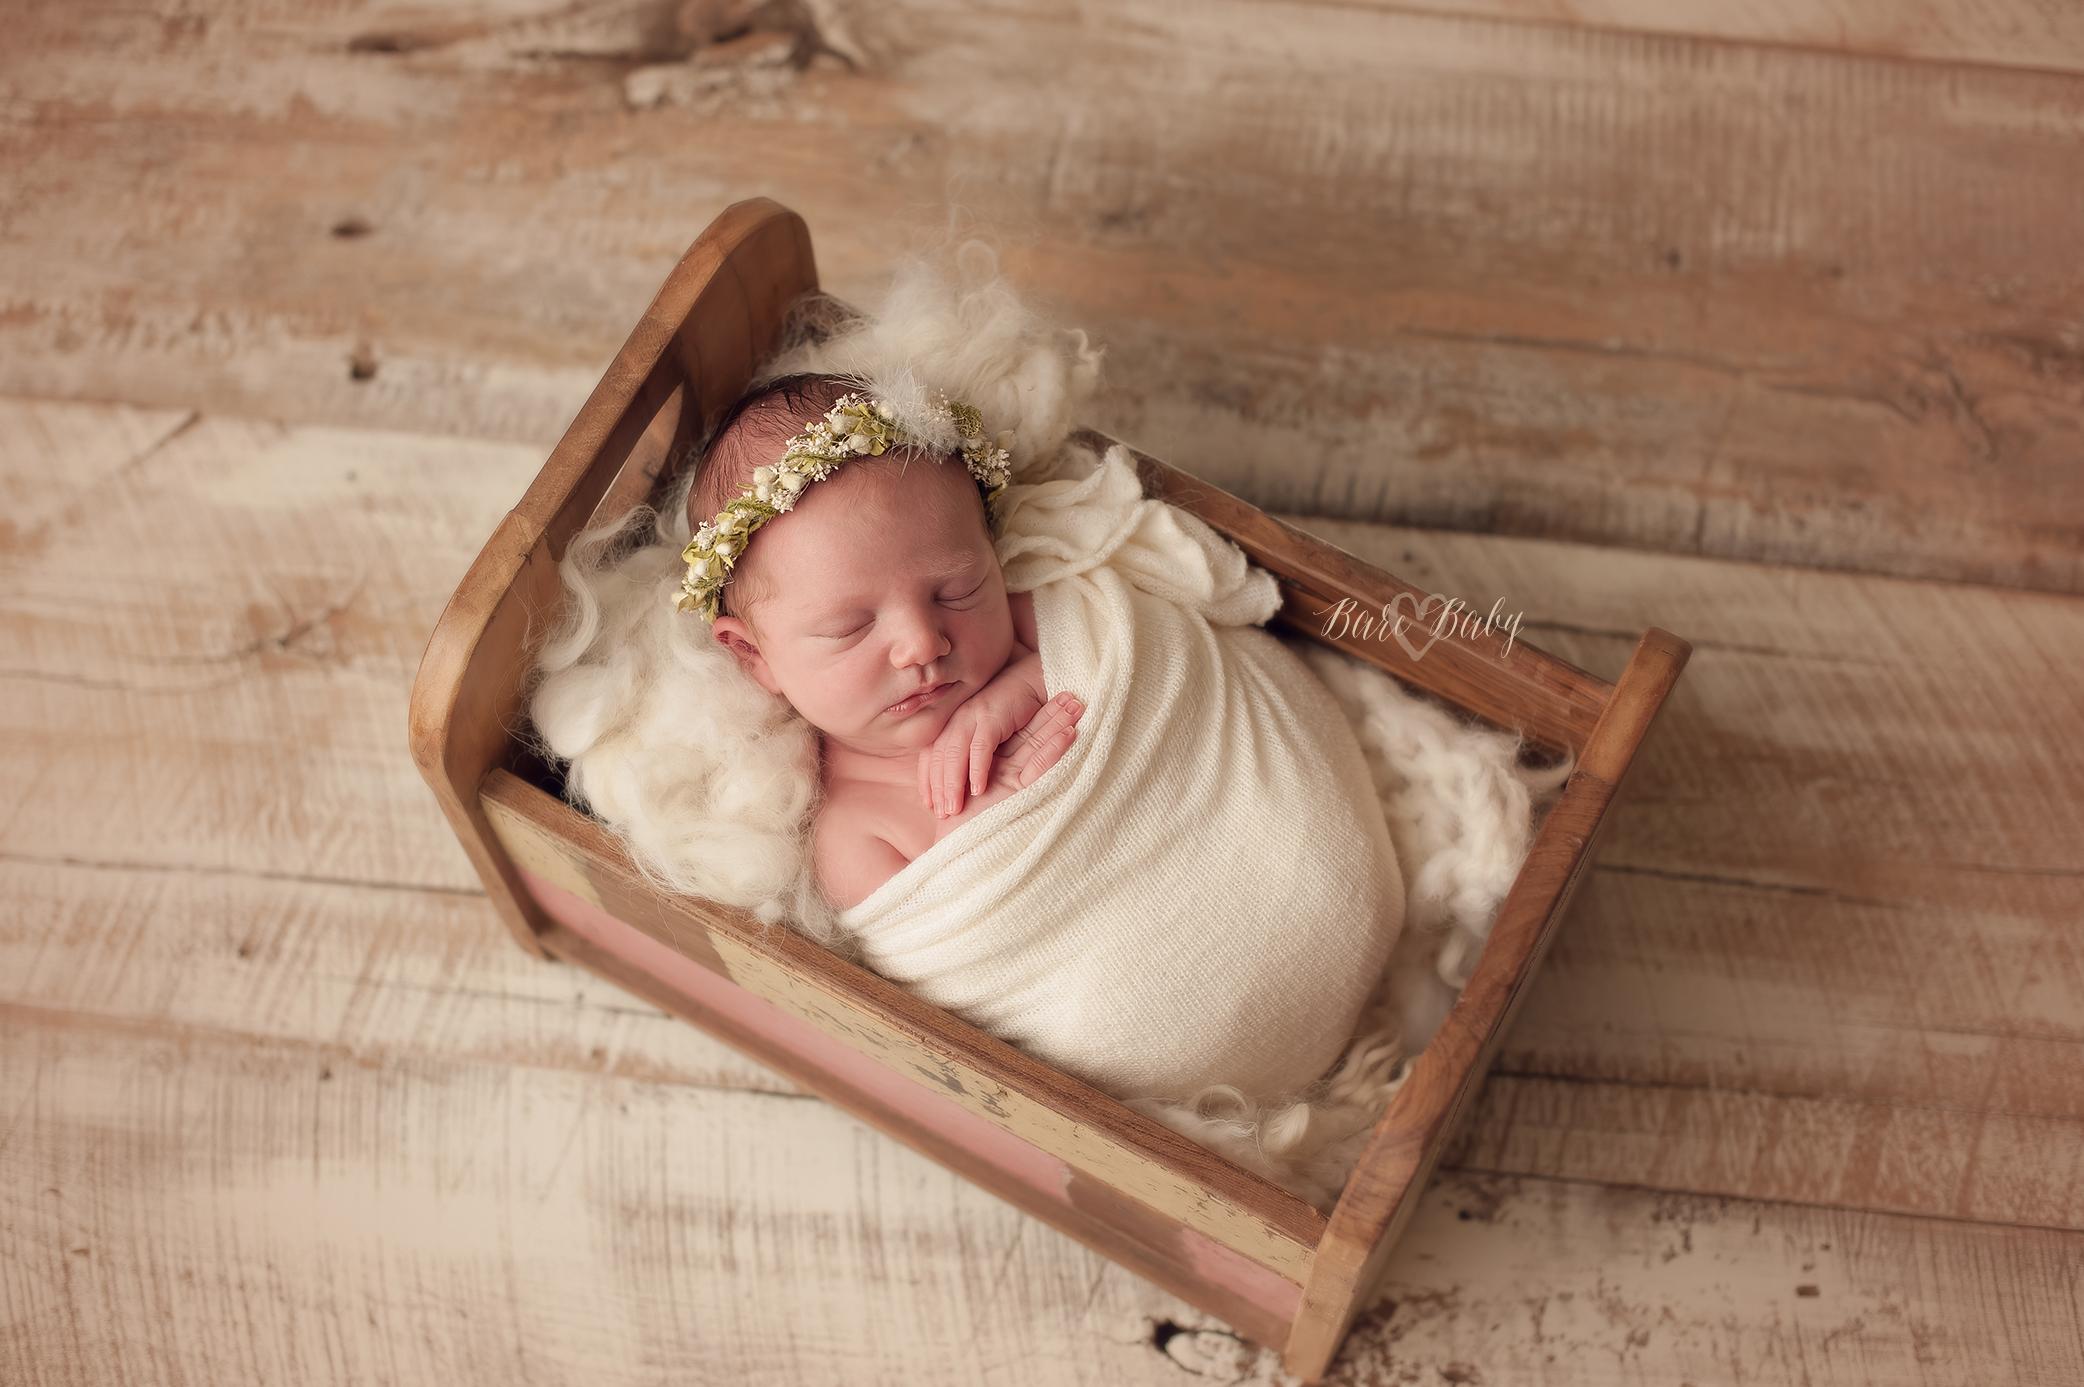 deleware-oh-newborn-photographer.jpg